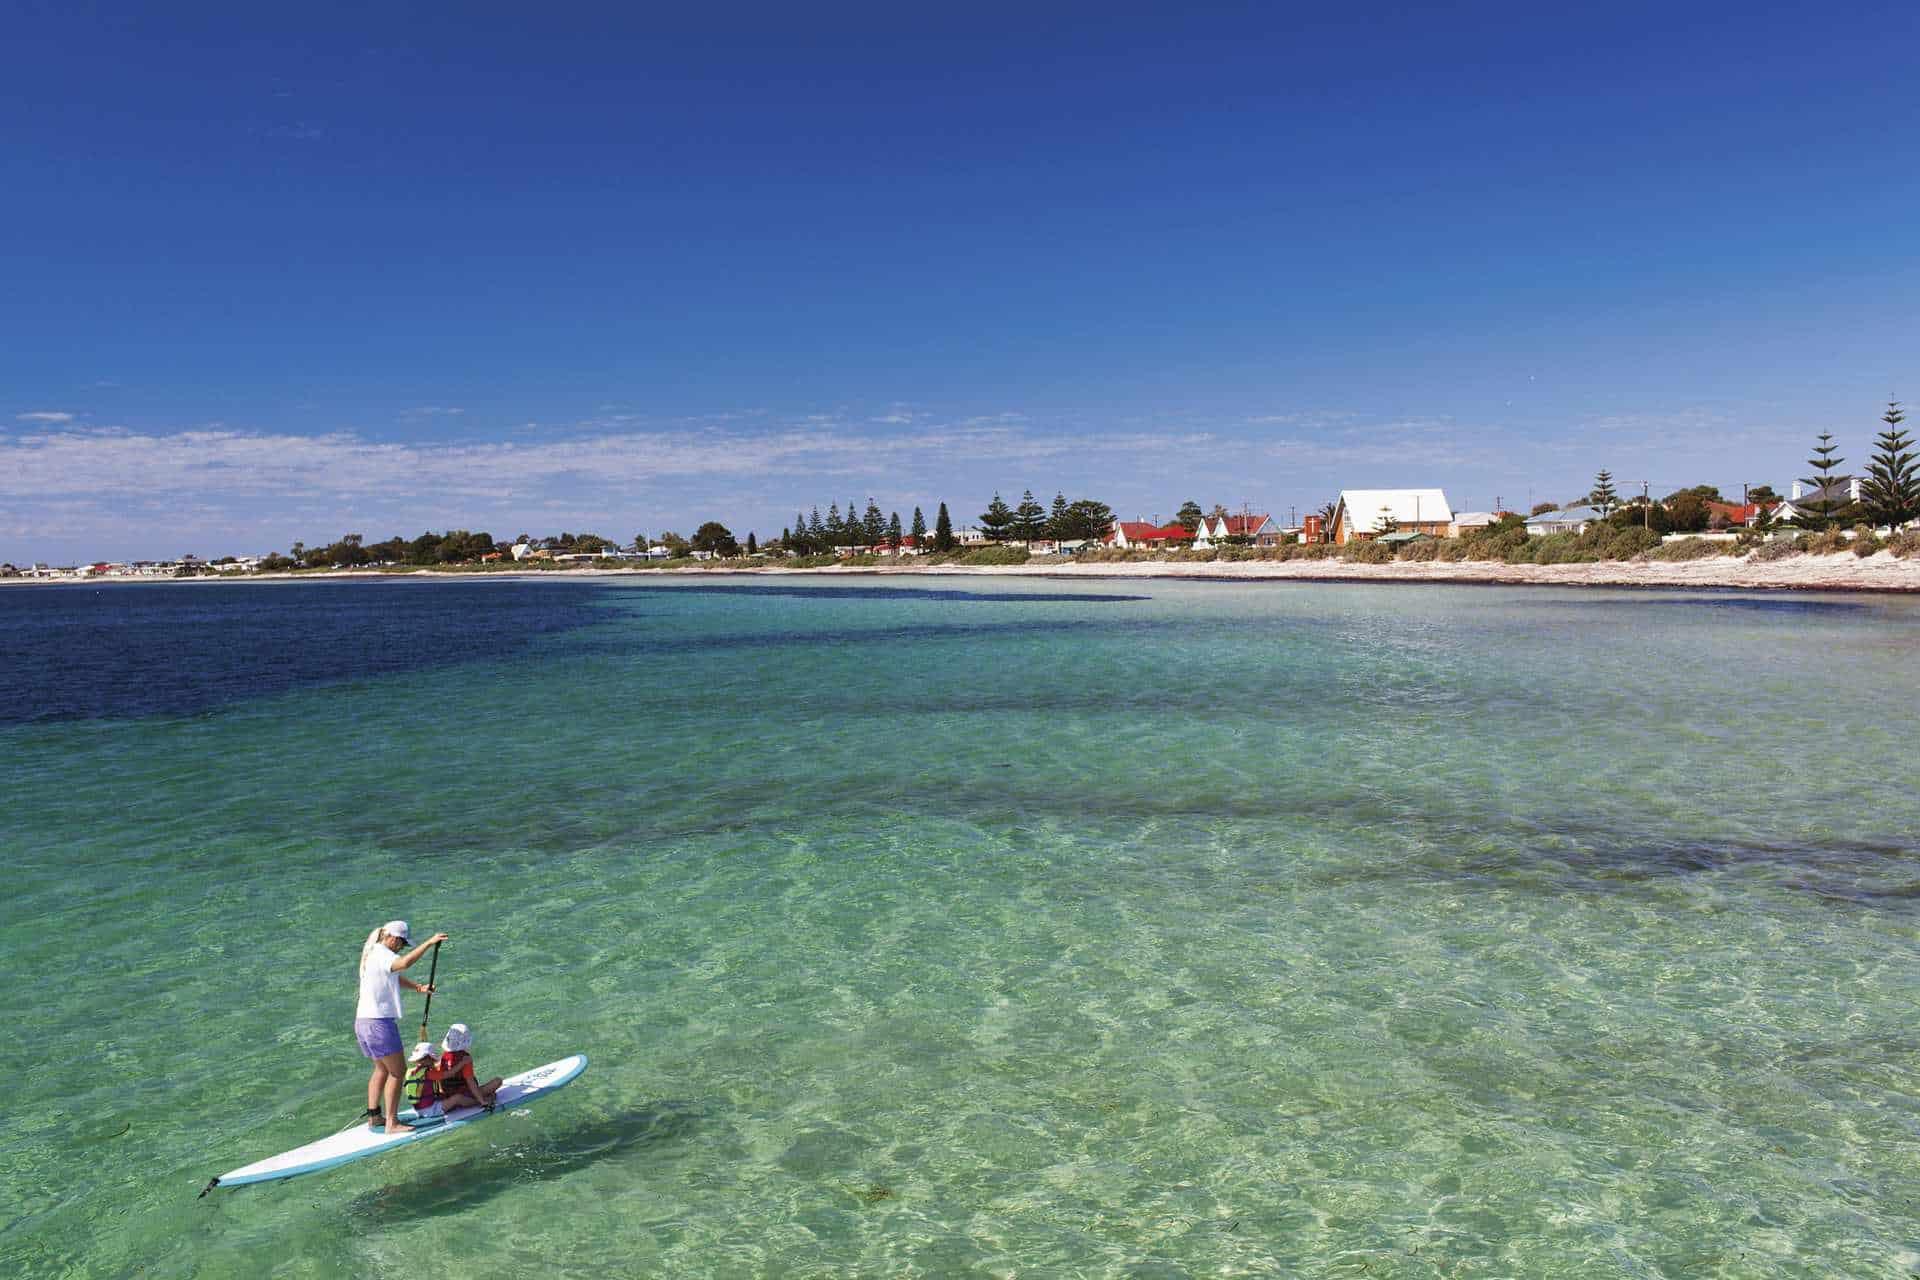 yH5BAEAAAAALAAAAAABAAEAAAIBRAA7 - Các thị trấn ven biển hấp dẫn nhất nước Úc